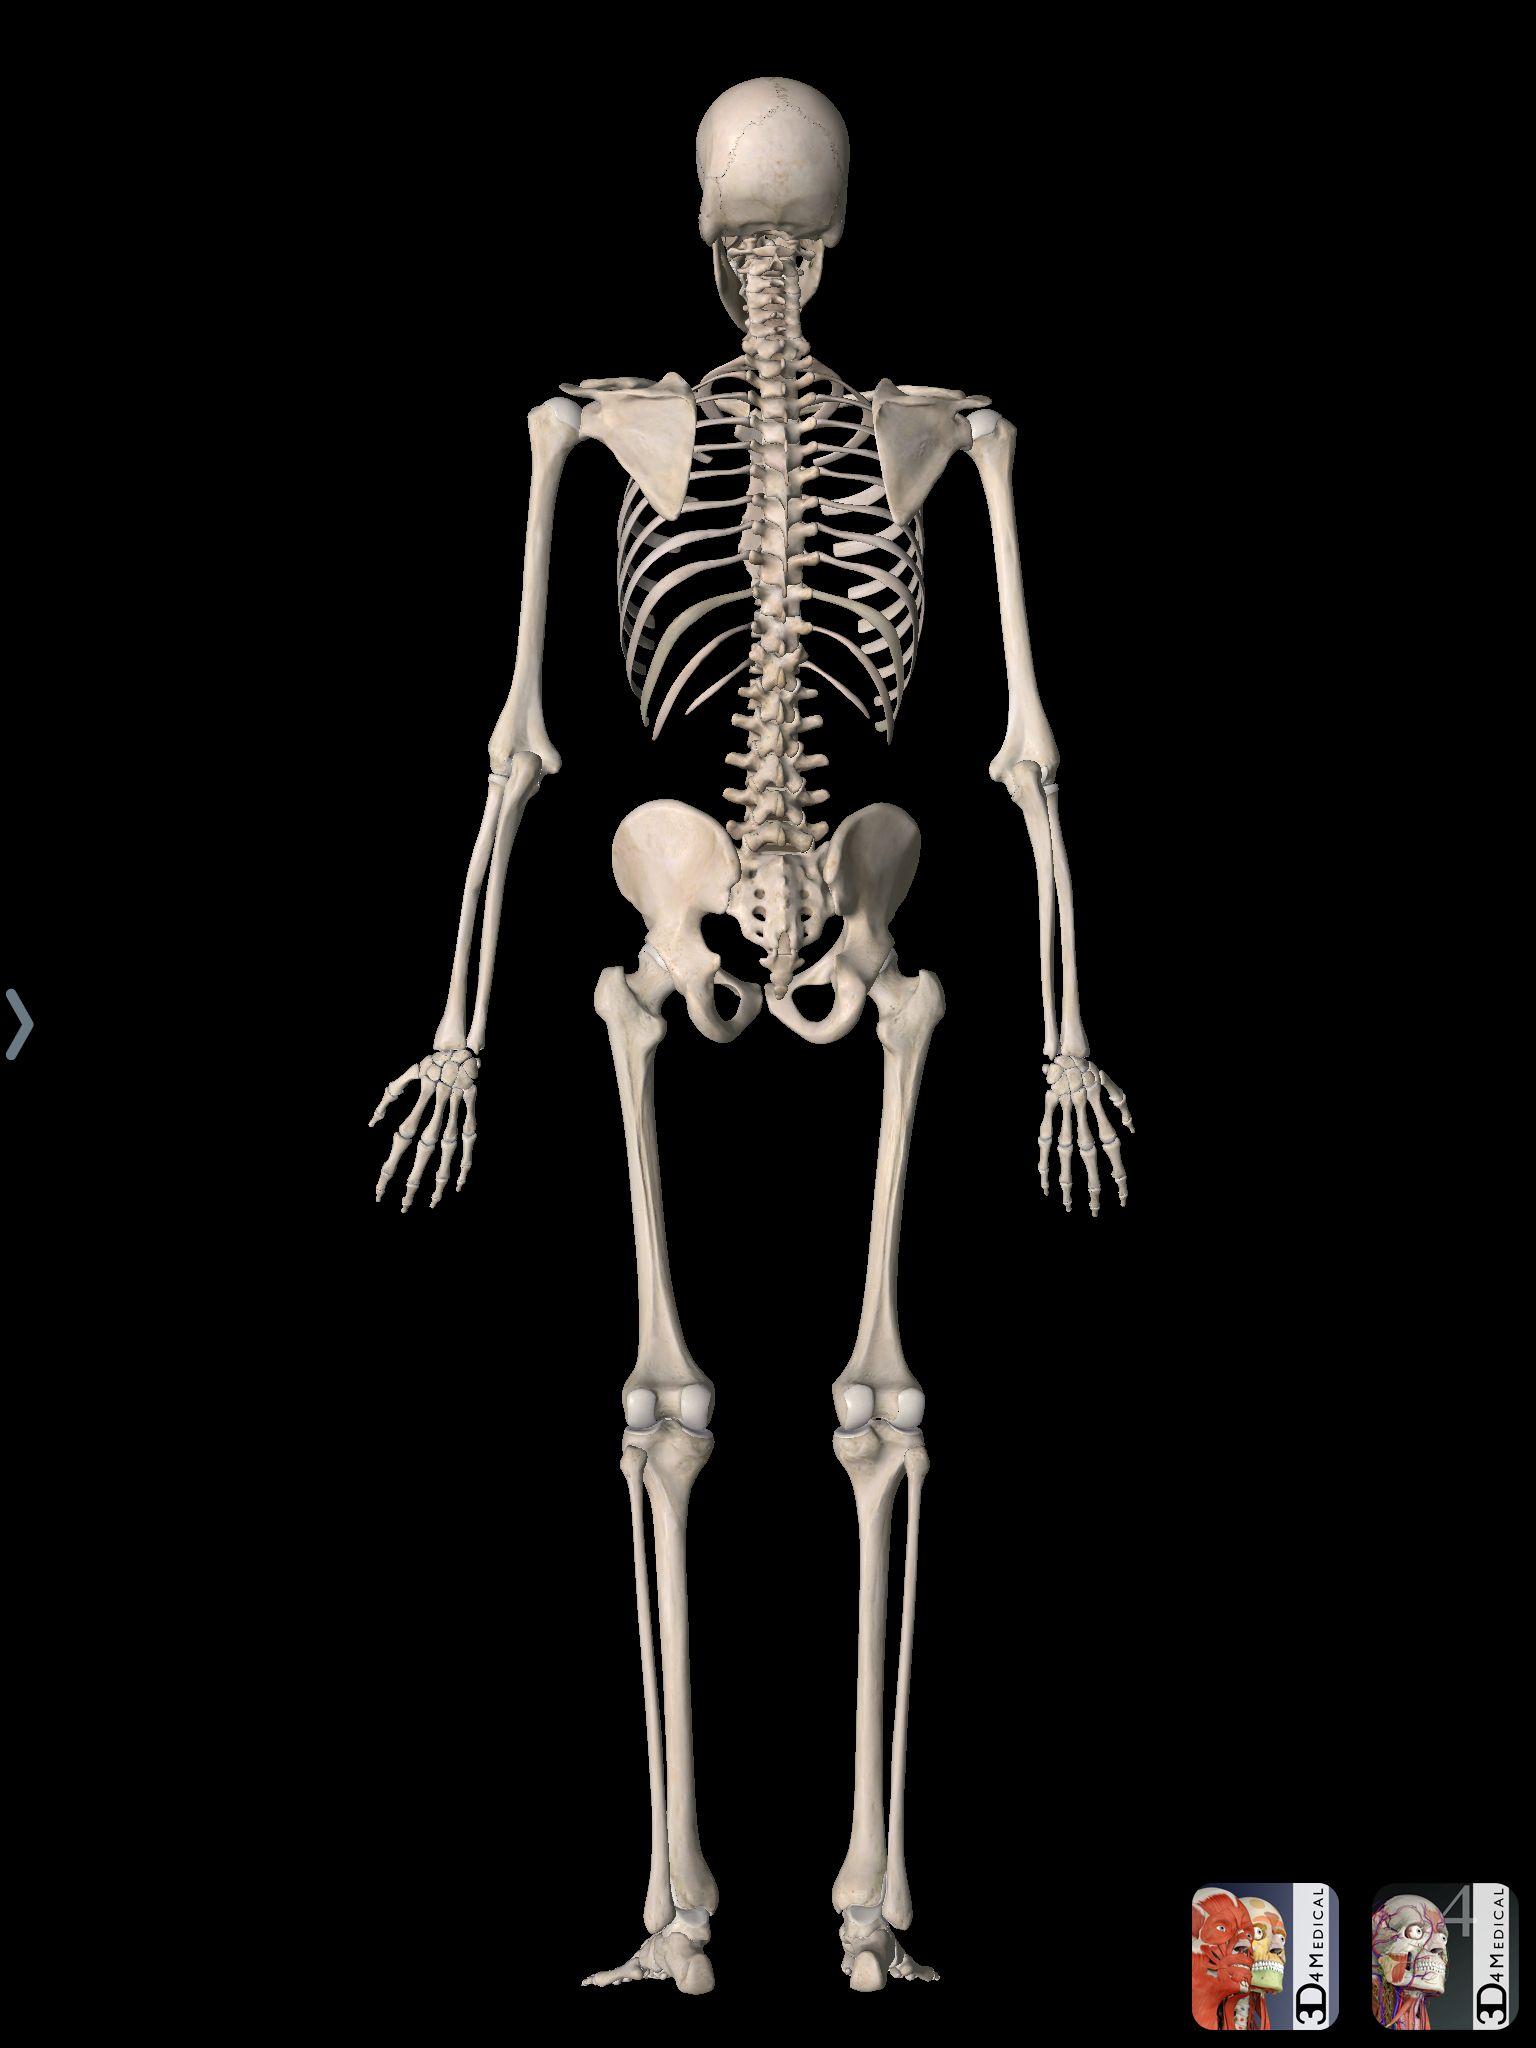 Esqueleto humano | Anatomía, apps | Pinterest | Esqueleto humano ...